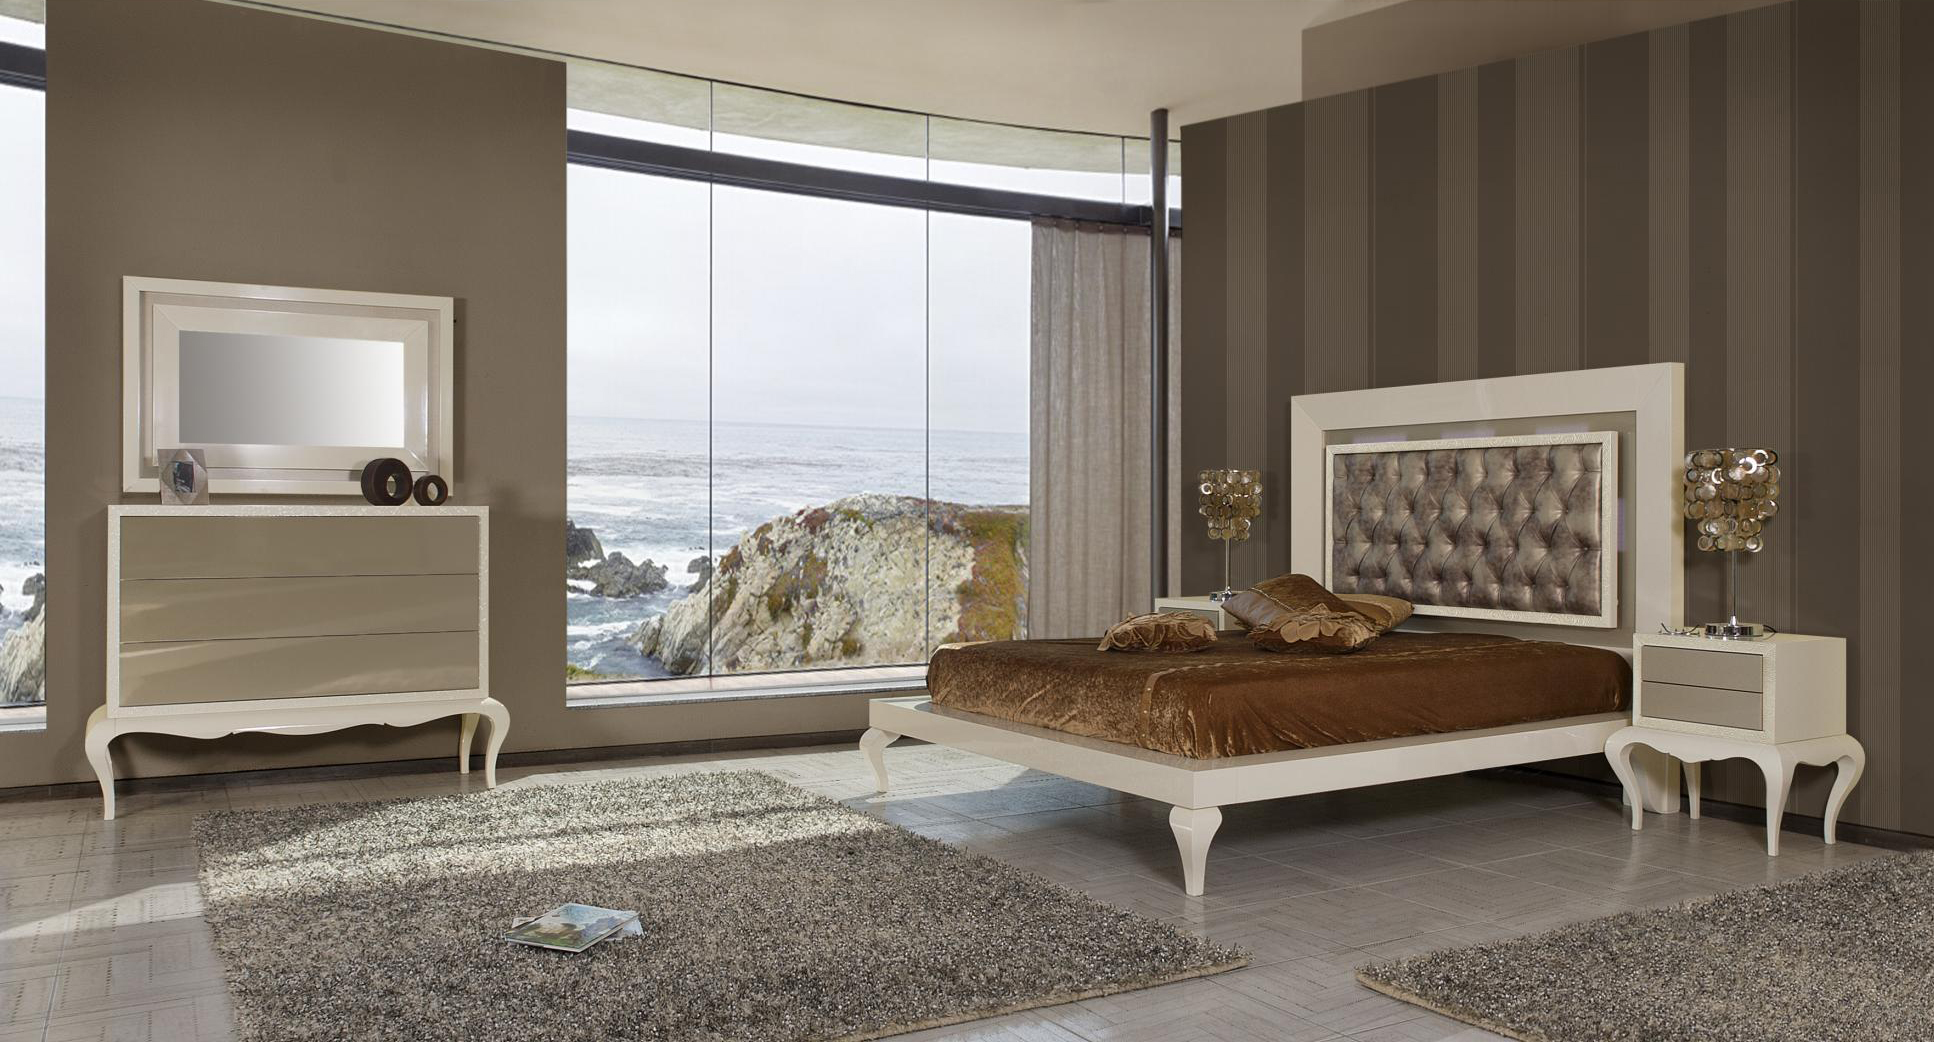 Apacheco Mobili Rio Furniture Culture # Quartos Muebles